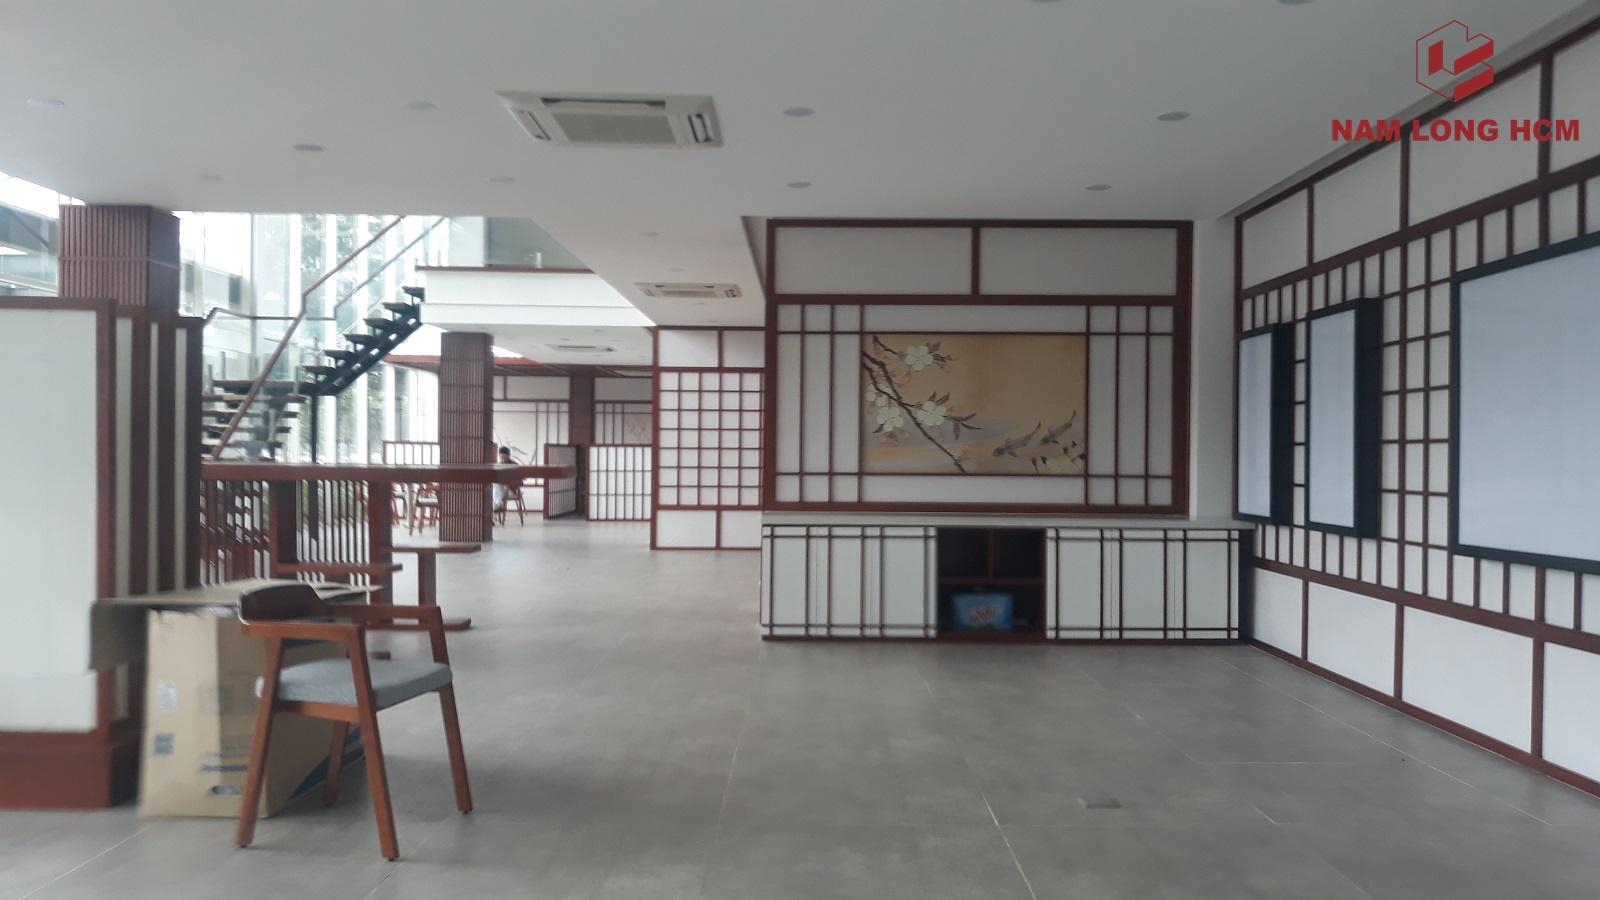 Nội thất tại nhà mẫu đã khá hoàn chỉnh. Chỉ còn chờ hỉnh ảnh phối cảnh về dự án Akari City được dán. Ảnh: Nam Long HCM